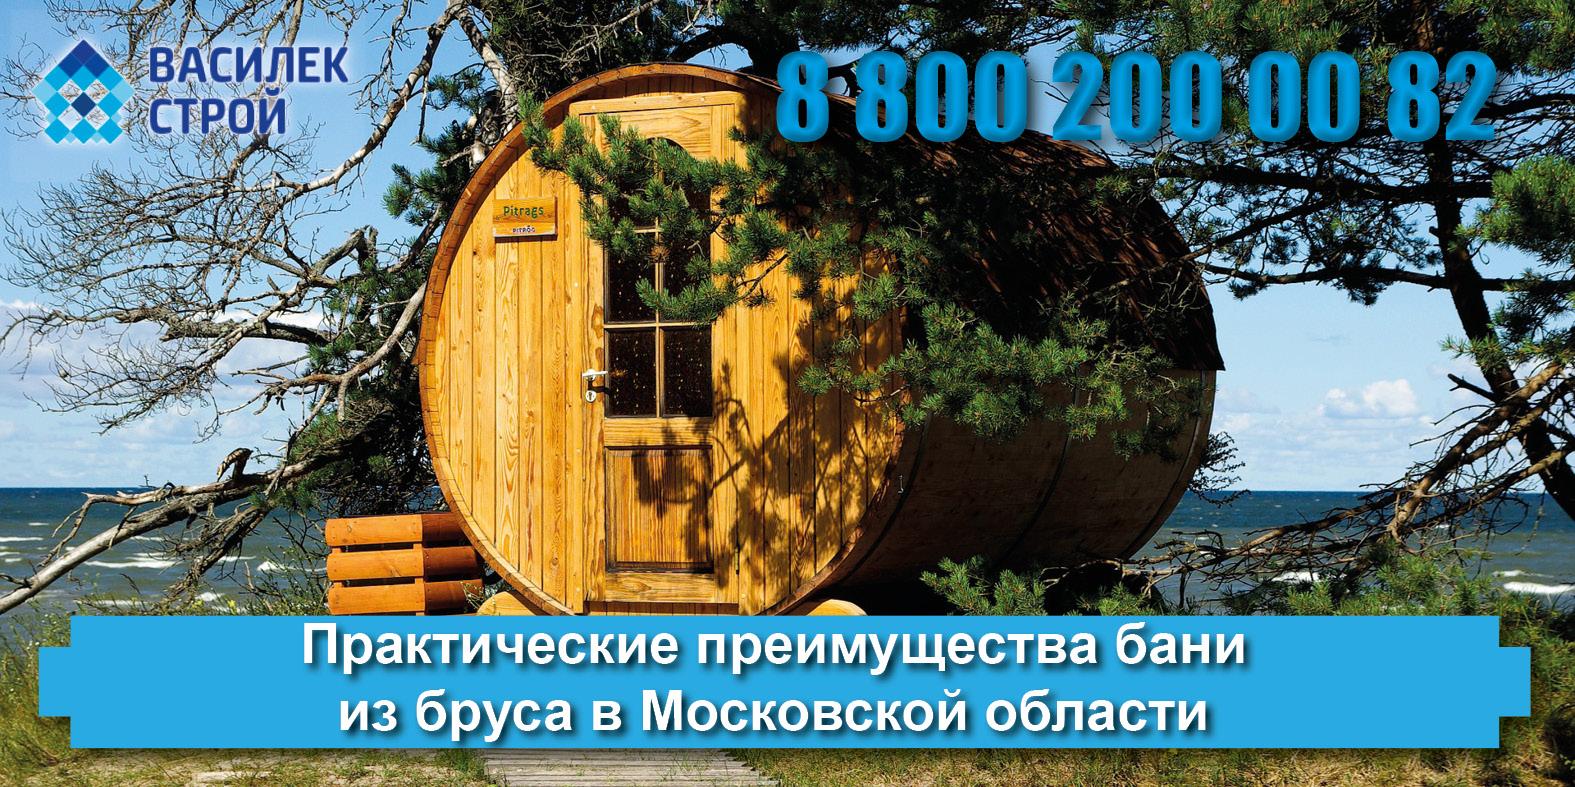 Как построить бани из бруса в Московской области дешево и быстро с гарантией качества на длительное время